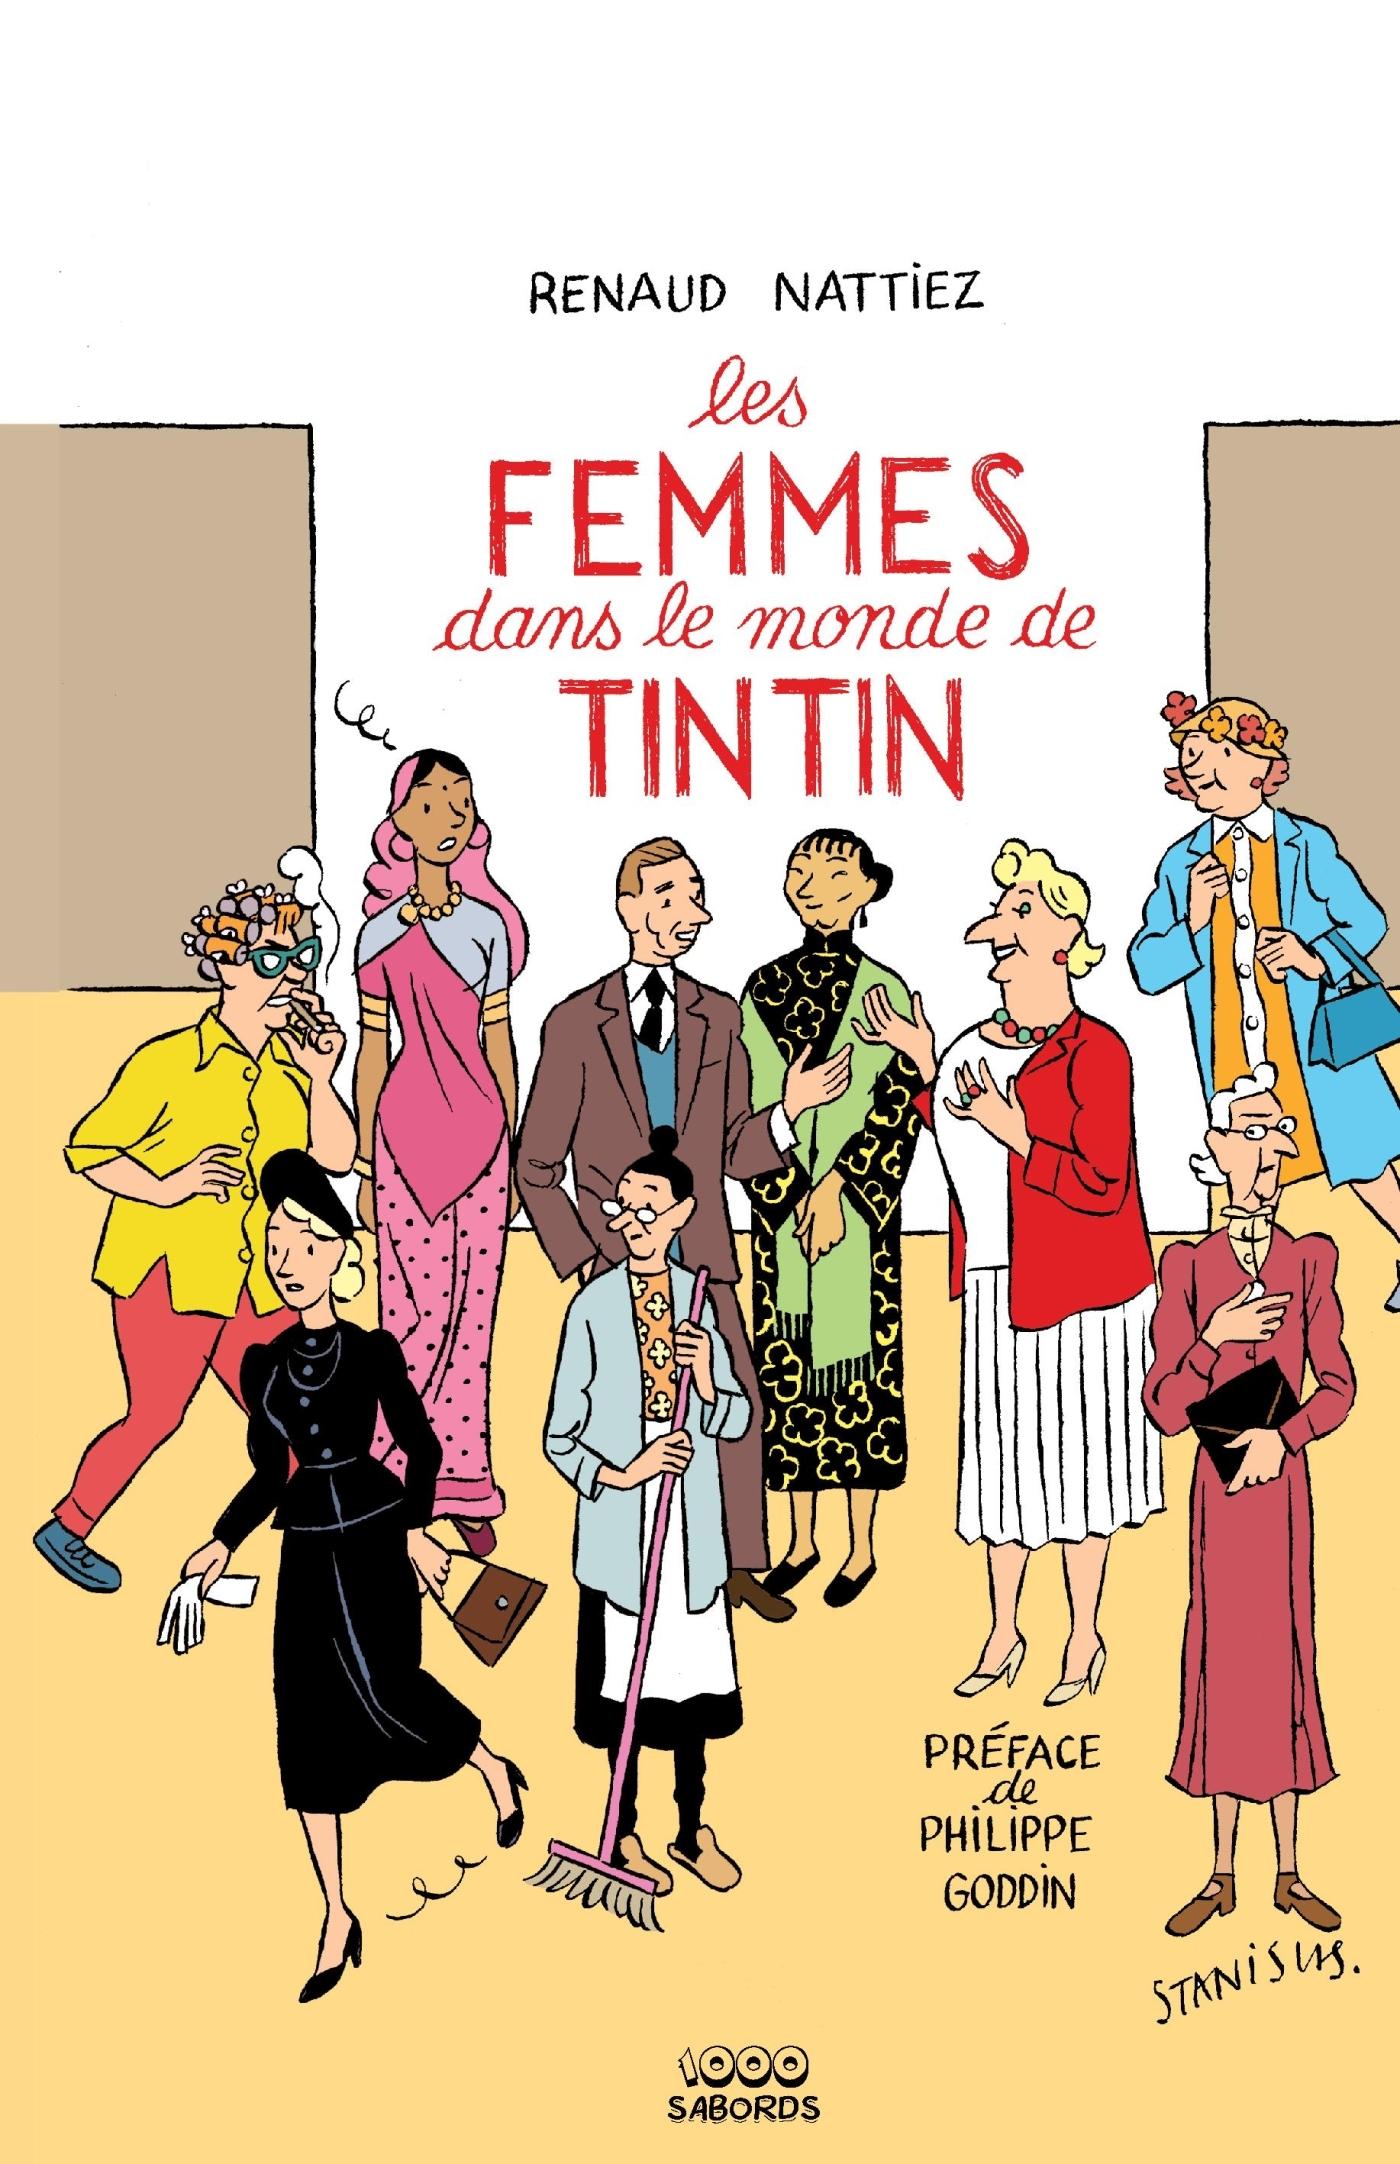 LES FEMMES DANS LE MONDE DE TINTIN